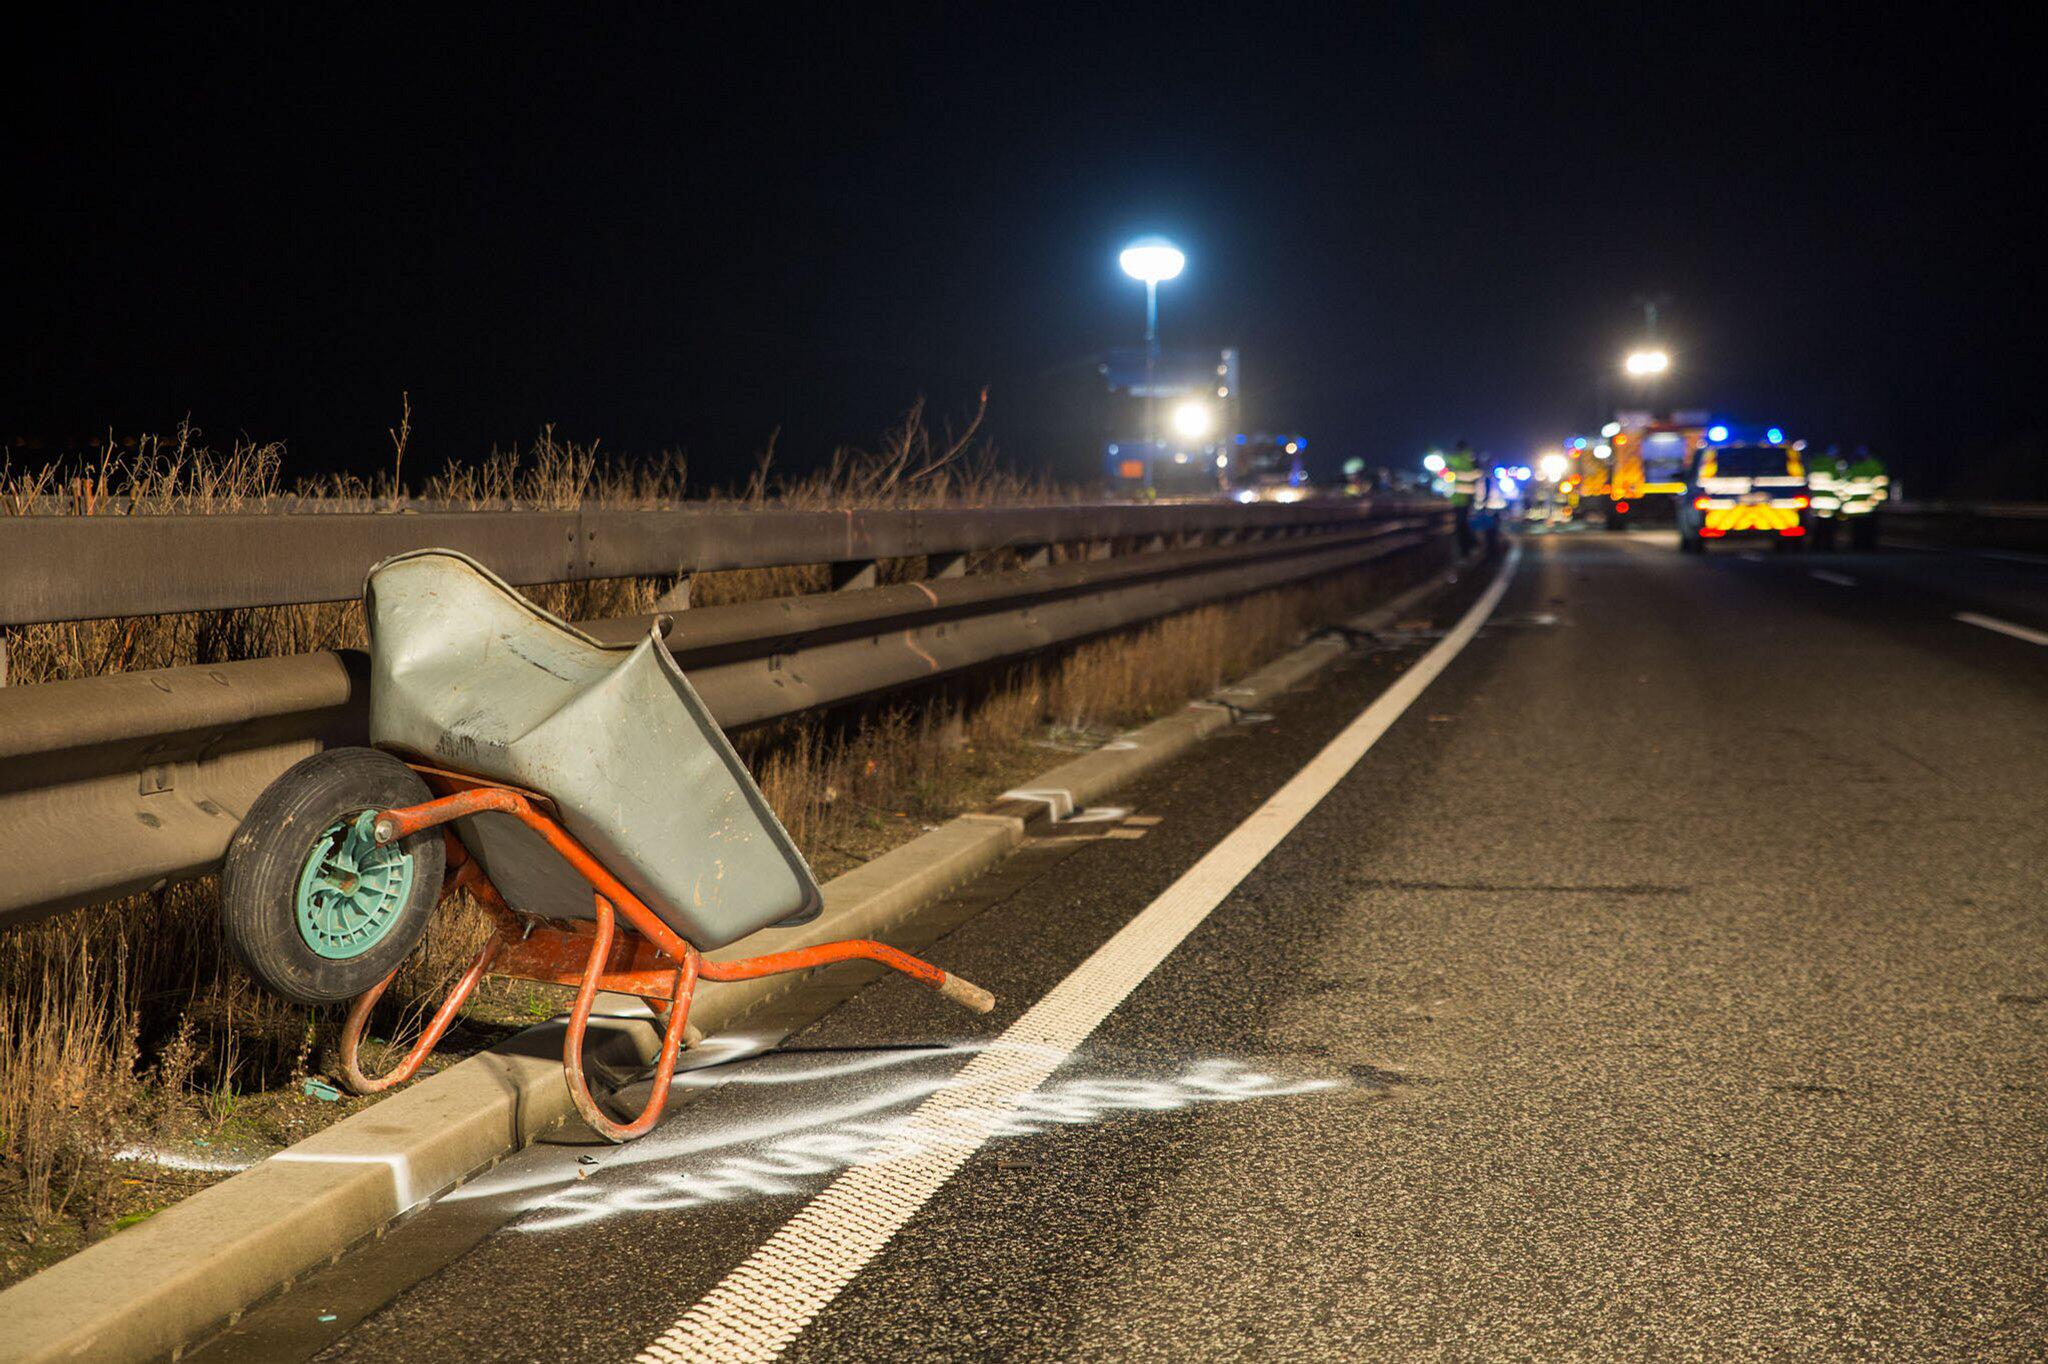 Bild zu Schubkarre auf Autobahn verloren